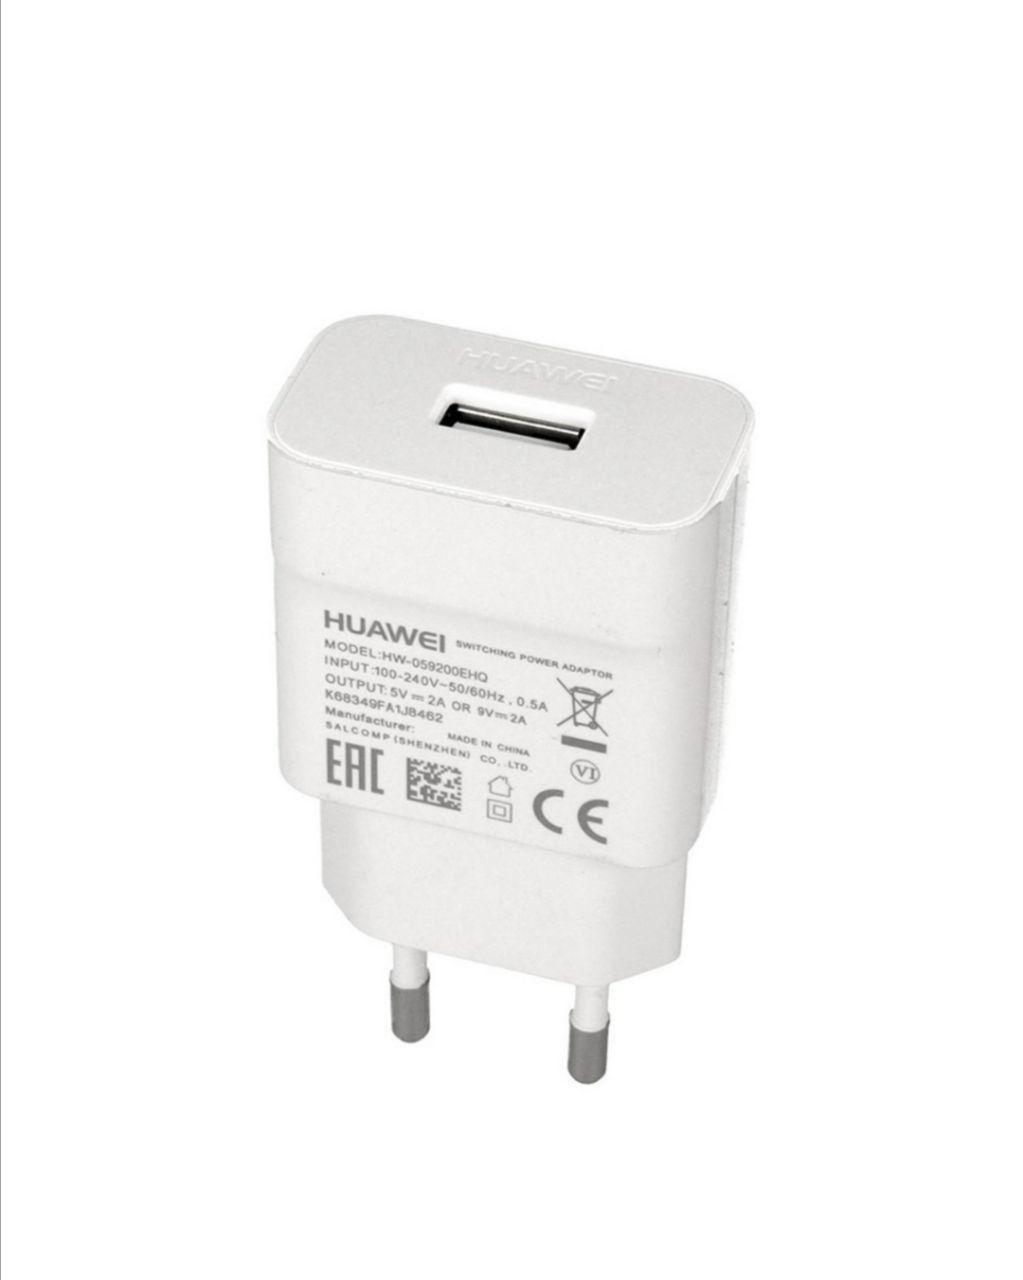 عکس شارژر سریع هواوی مدل HW-059200EHQ Huawei HW-059200EHQ Quick USB Charger شارژر-سریع-هواوی-مدل-hw-059200ehq